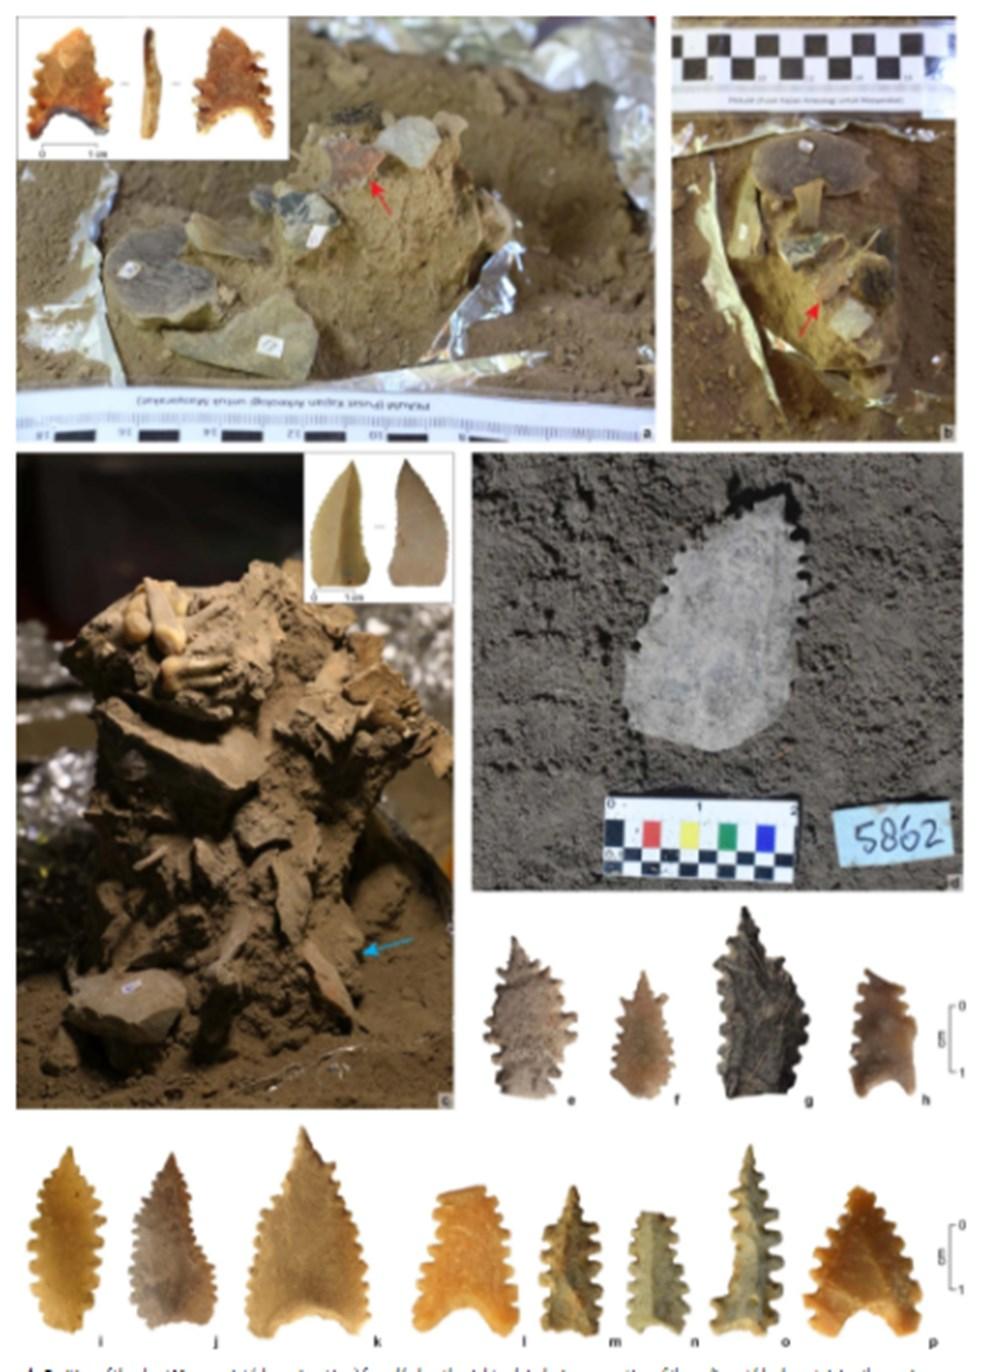 Endonezya'da 7 bin 200 yıl önce ölen kadının DNA örneği keşfedildi - 7